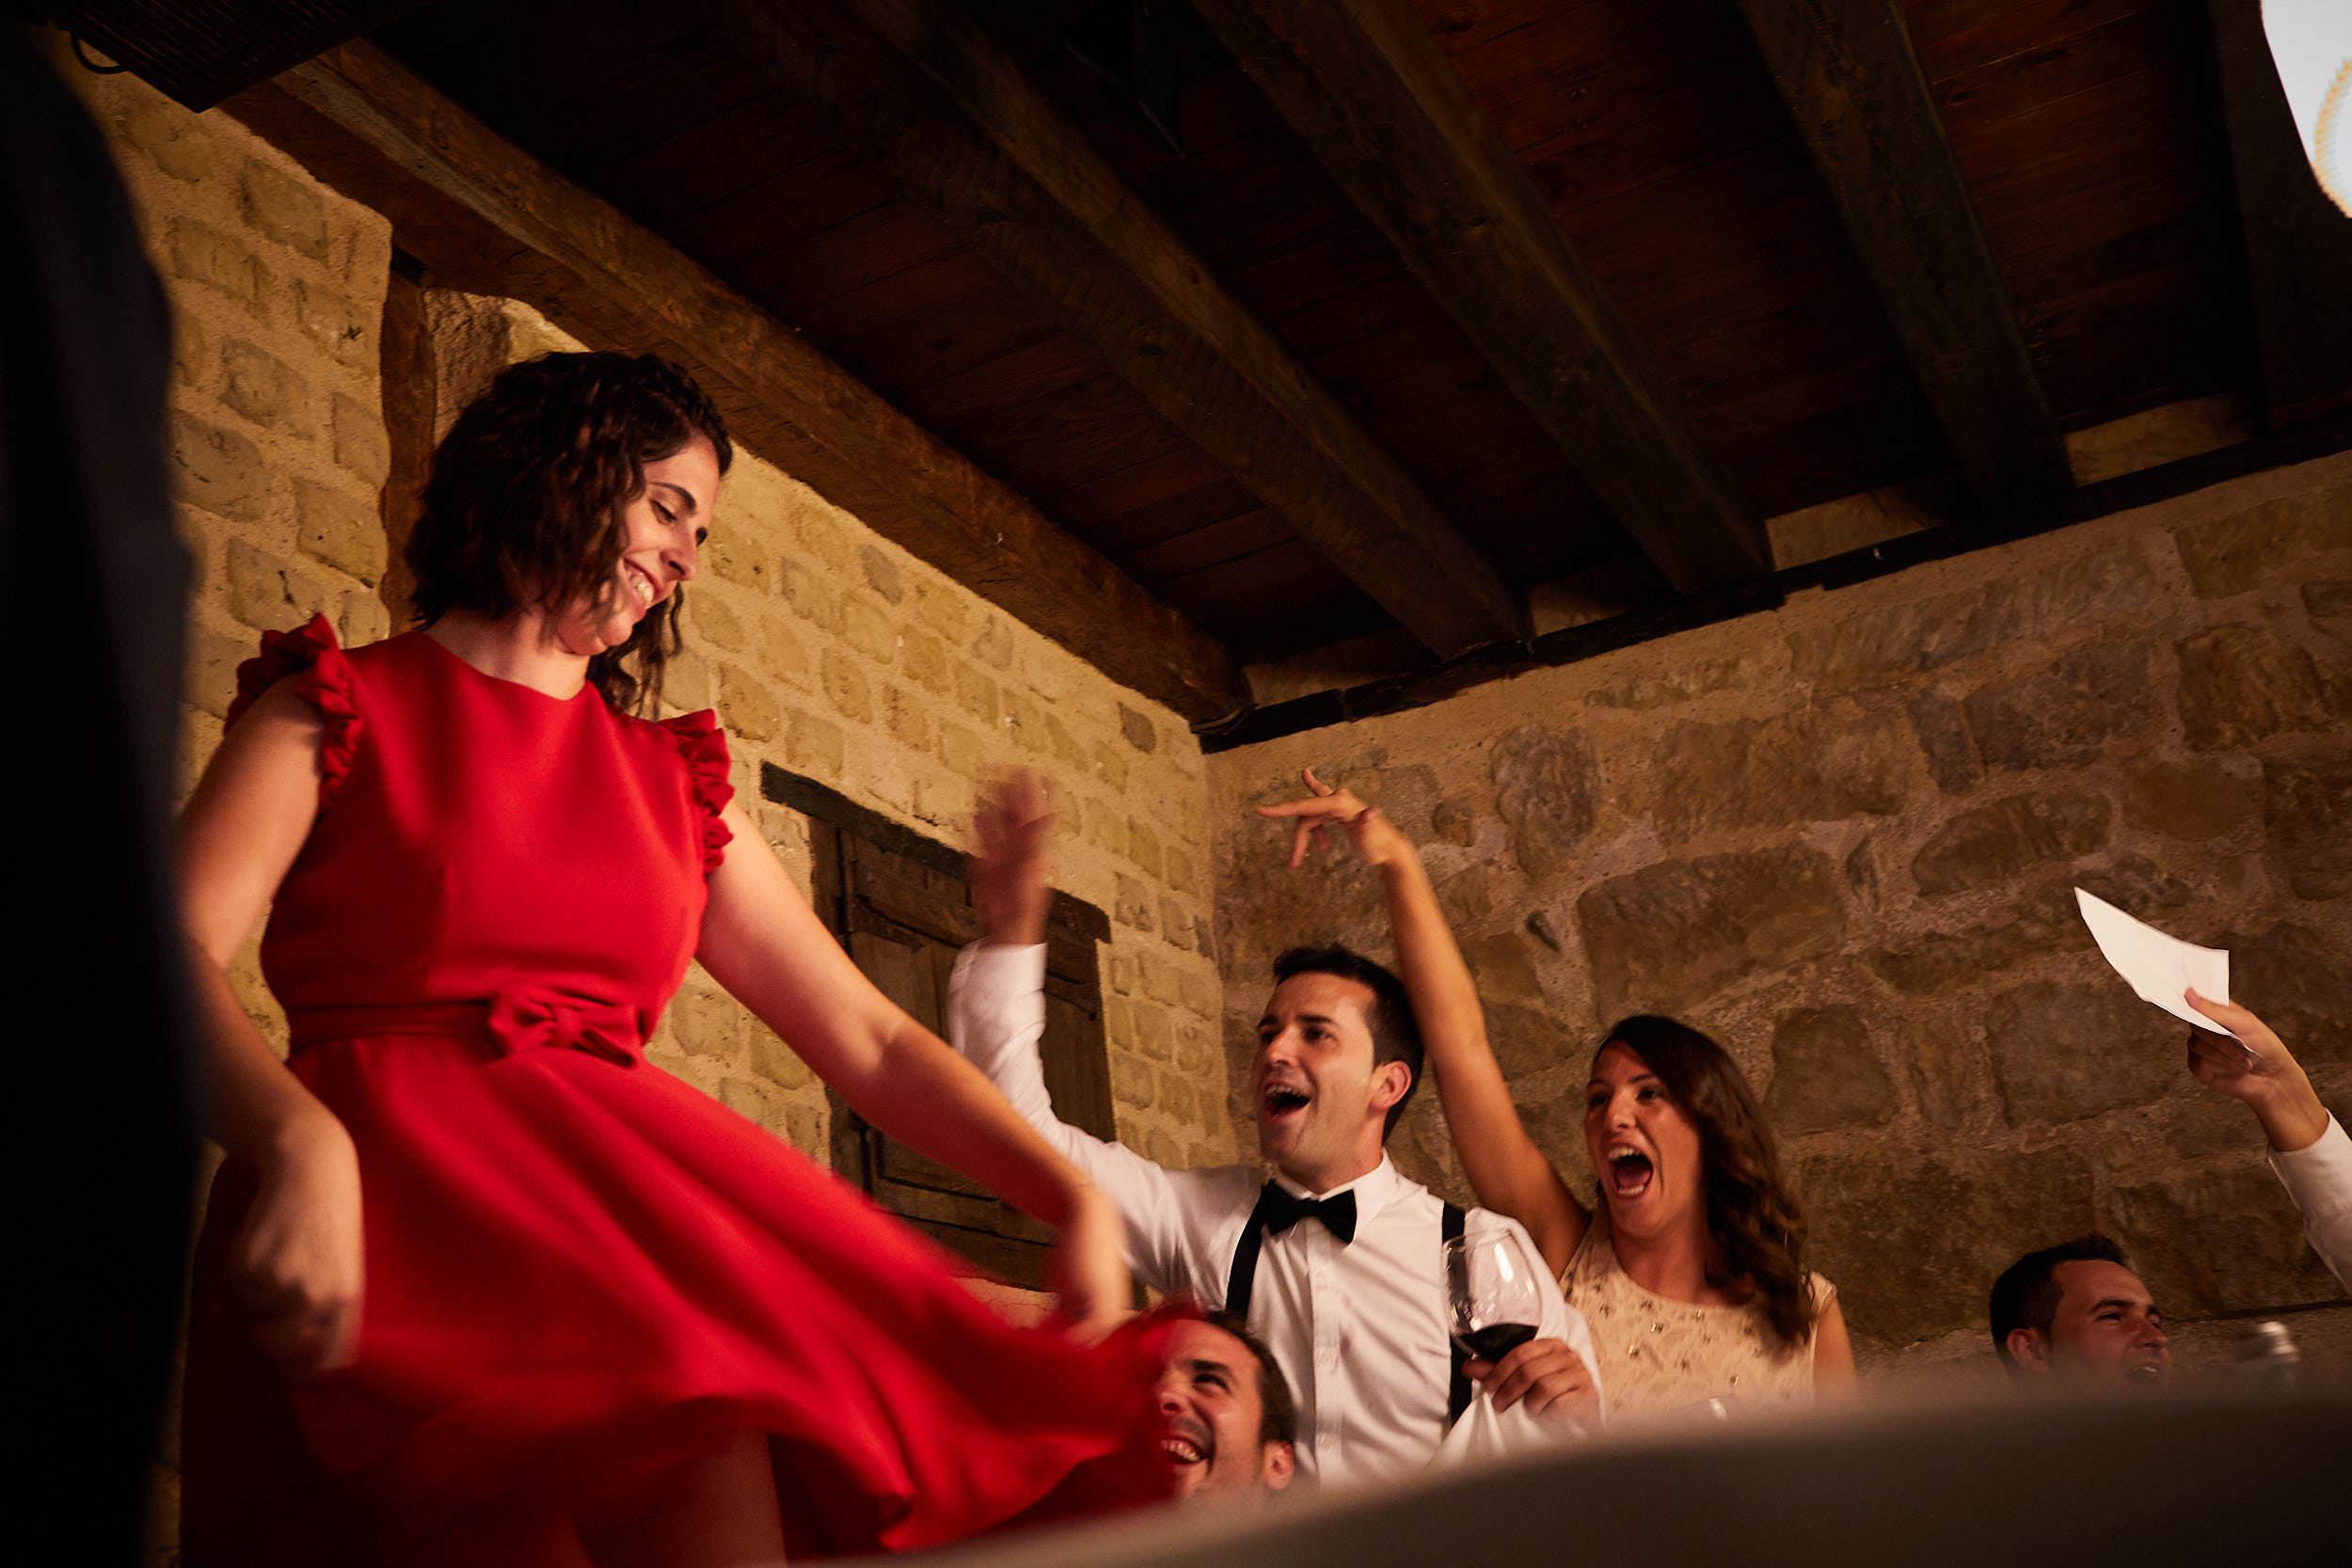 Fotógrafo de boda con estilo documental y fotoperiodismo en La Rioja Palacio Casafuerte Zarraton La Rioja Spain James Sturcke Photographer sturcke.org_00026.jpg